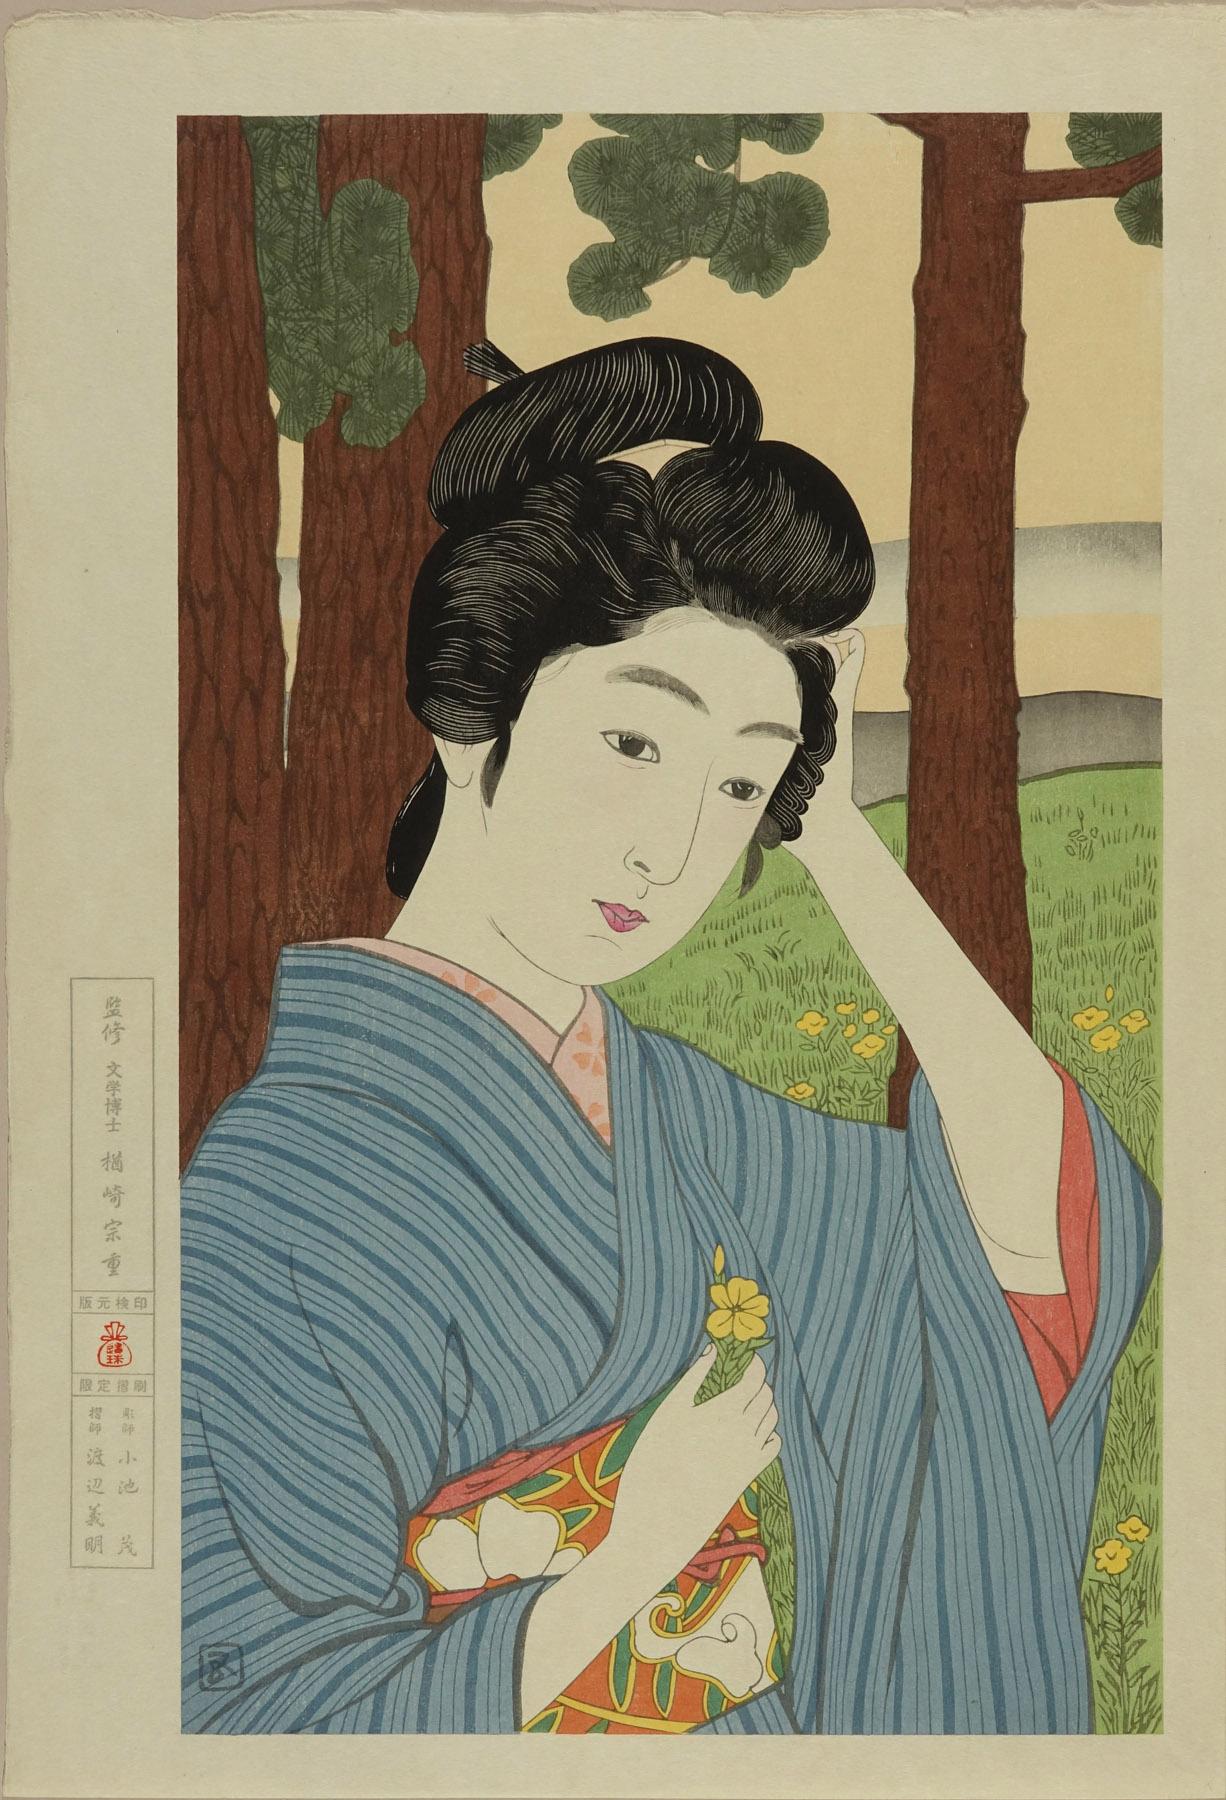 HASHIGUCHI GOYO Standing beauty by a tree: after Hashiguchi Goyo, hand-printed woodcut reproduction, publiehd by Ishu Kankokai, 48x33cm.